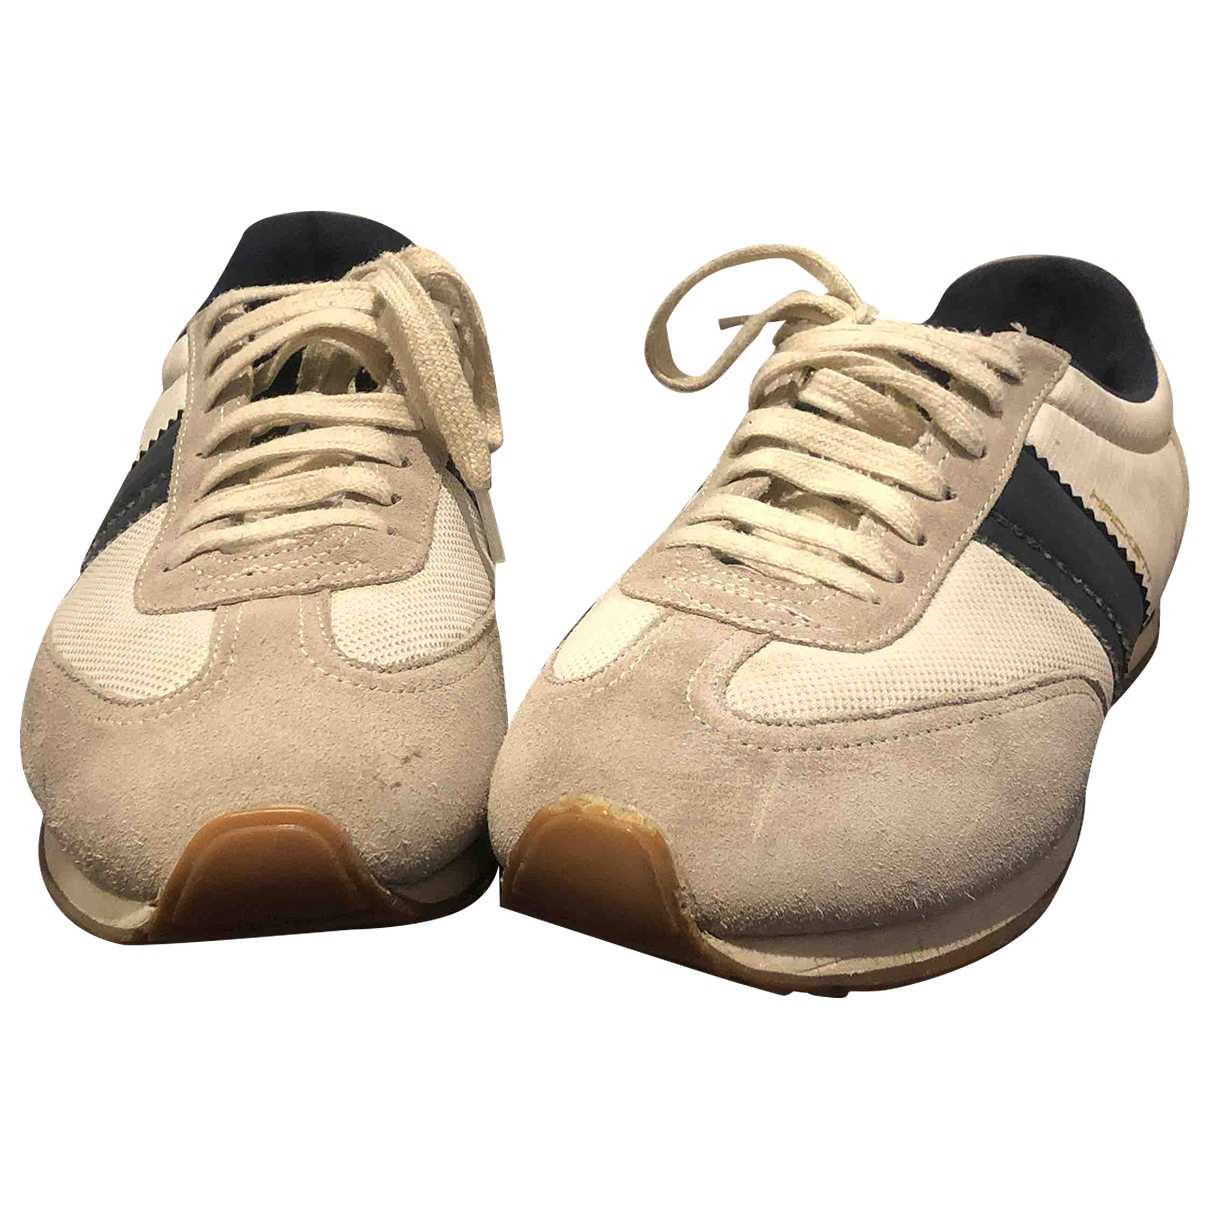 Hackett London - Baskets   pour homme en autre - beige